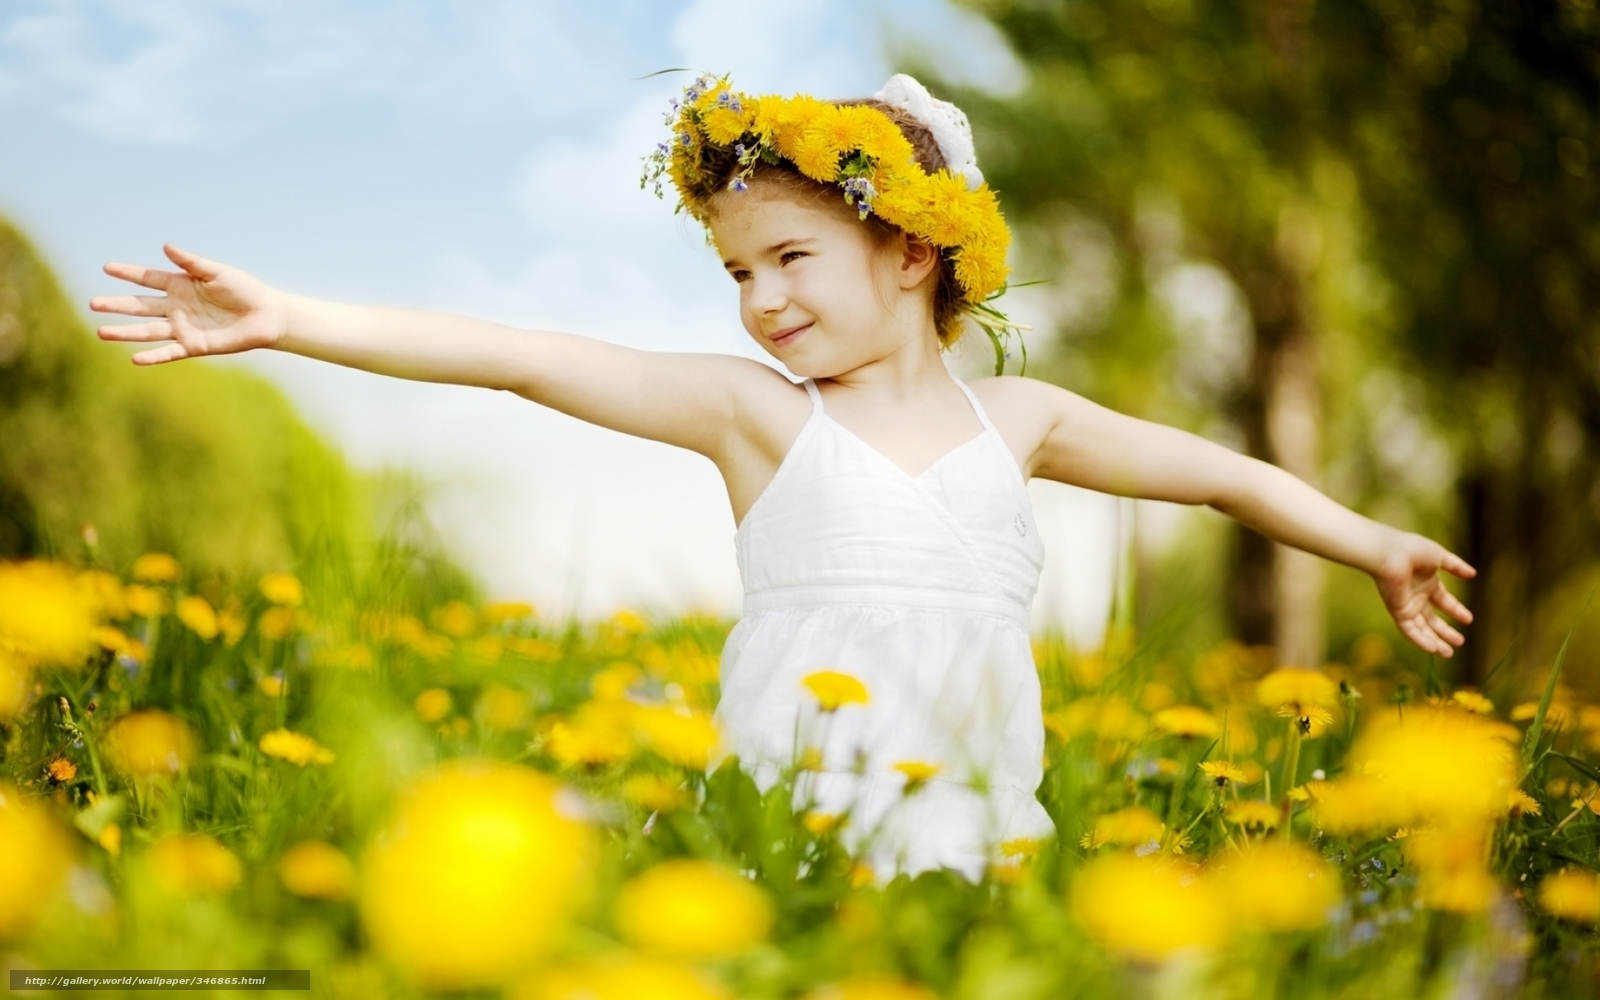 Картинка радостное настроение